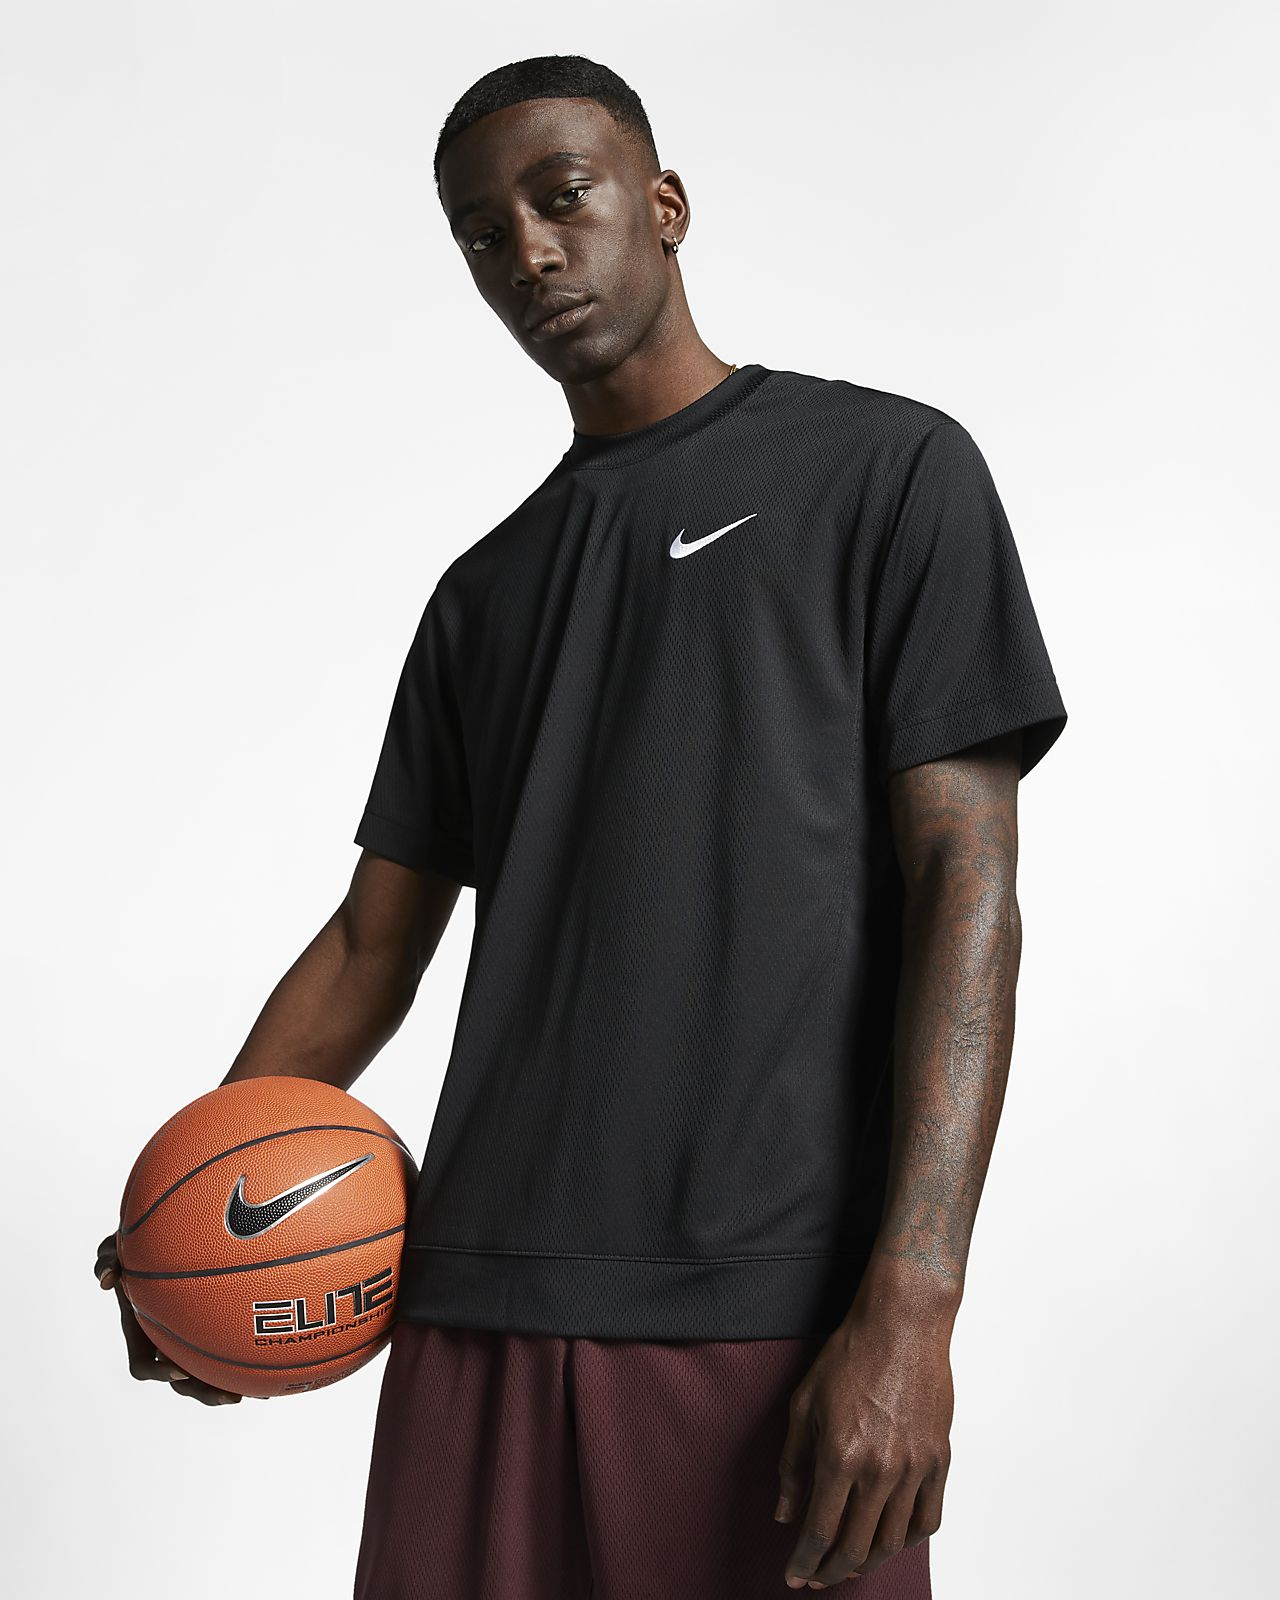 เสื้อบาสเก็ตบอลแขนสั้นผู้ชาย Nike Dri-FIT Classic